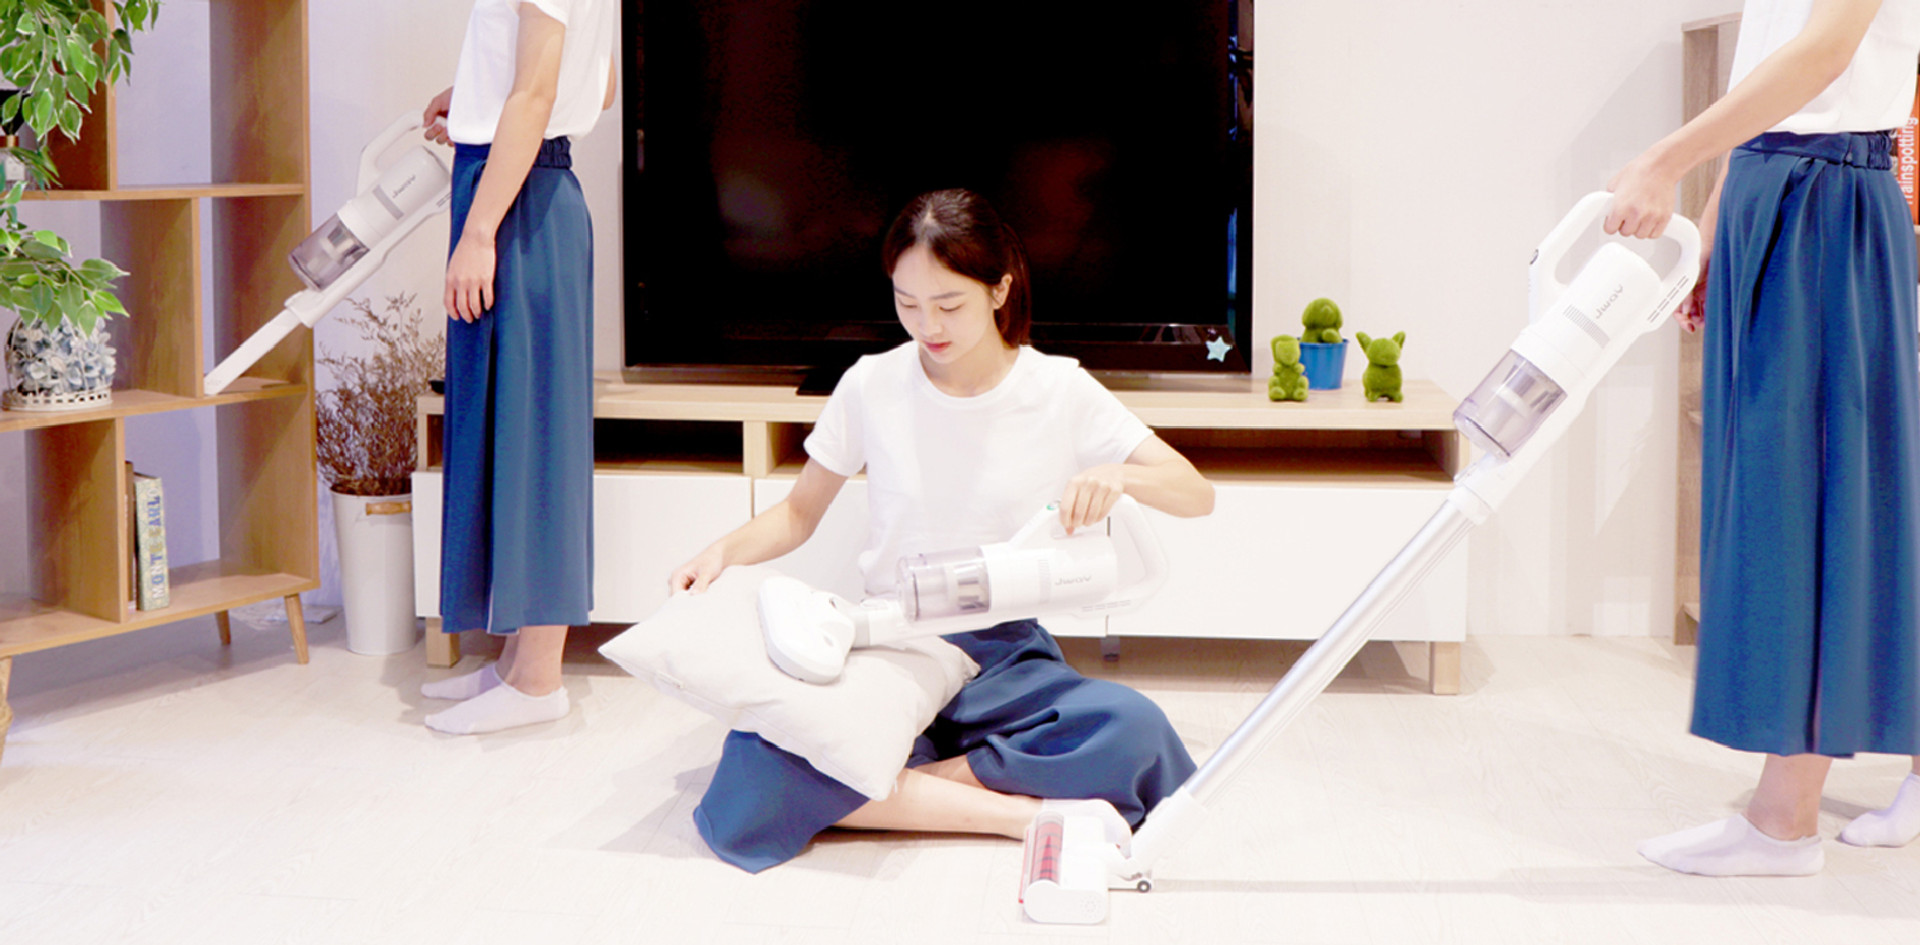 【JWAY】無線三合一塵蟎吸塵器